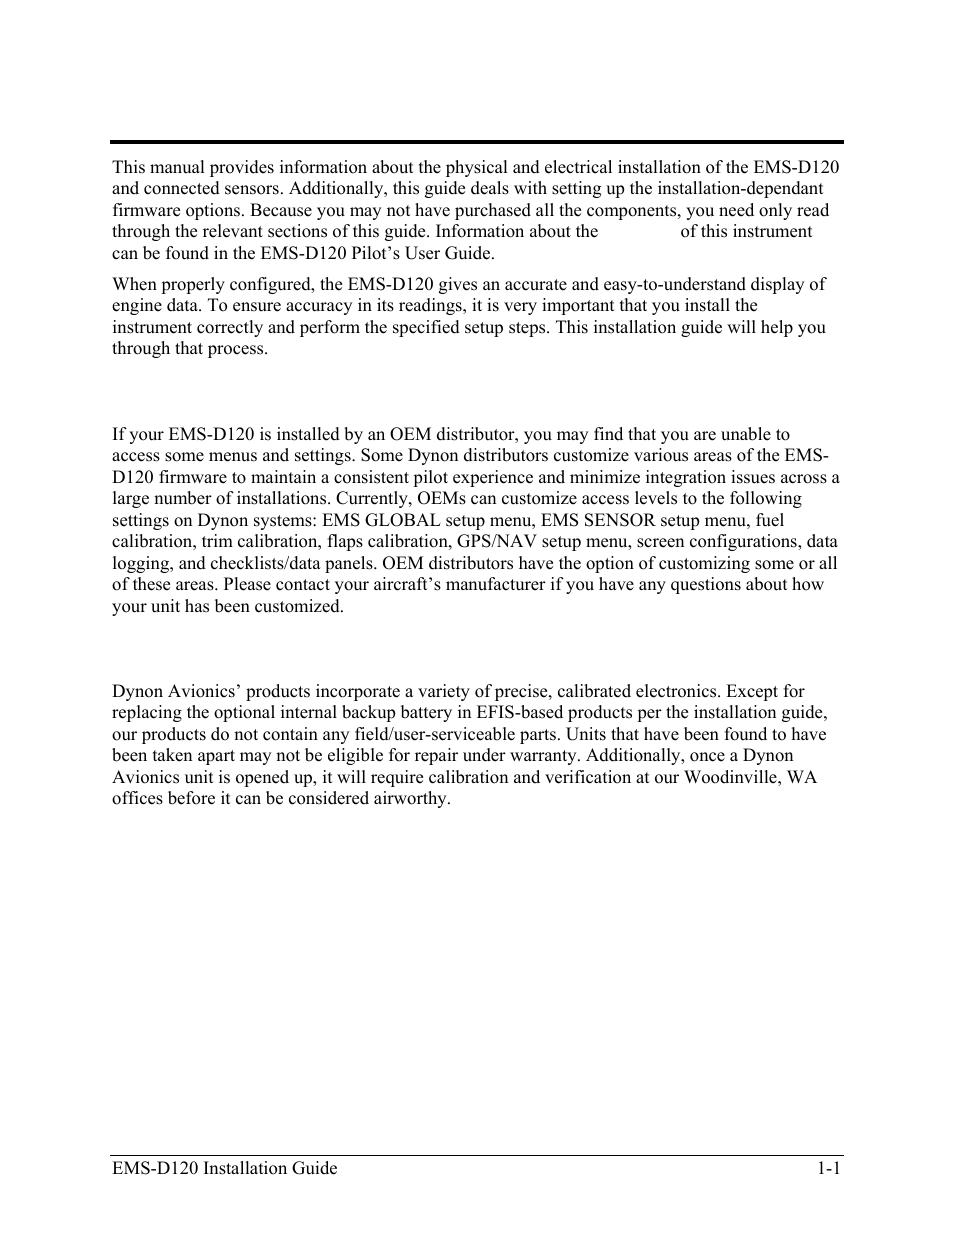 introduction oem installations warning dynon avionics ems d120 rh manualsdir com Instruction Manual Clip Art Wildgame Innovations Manuals